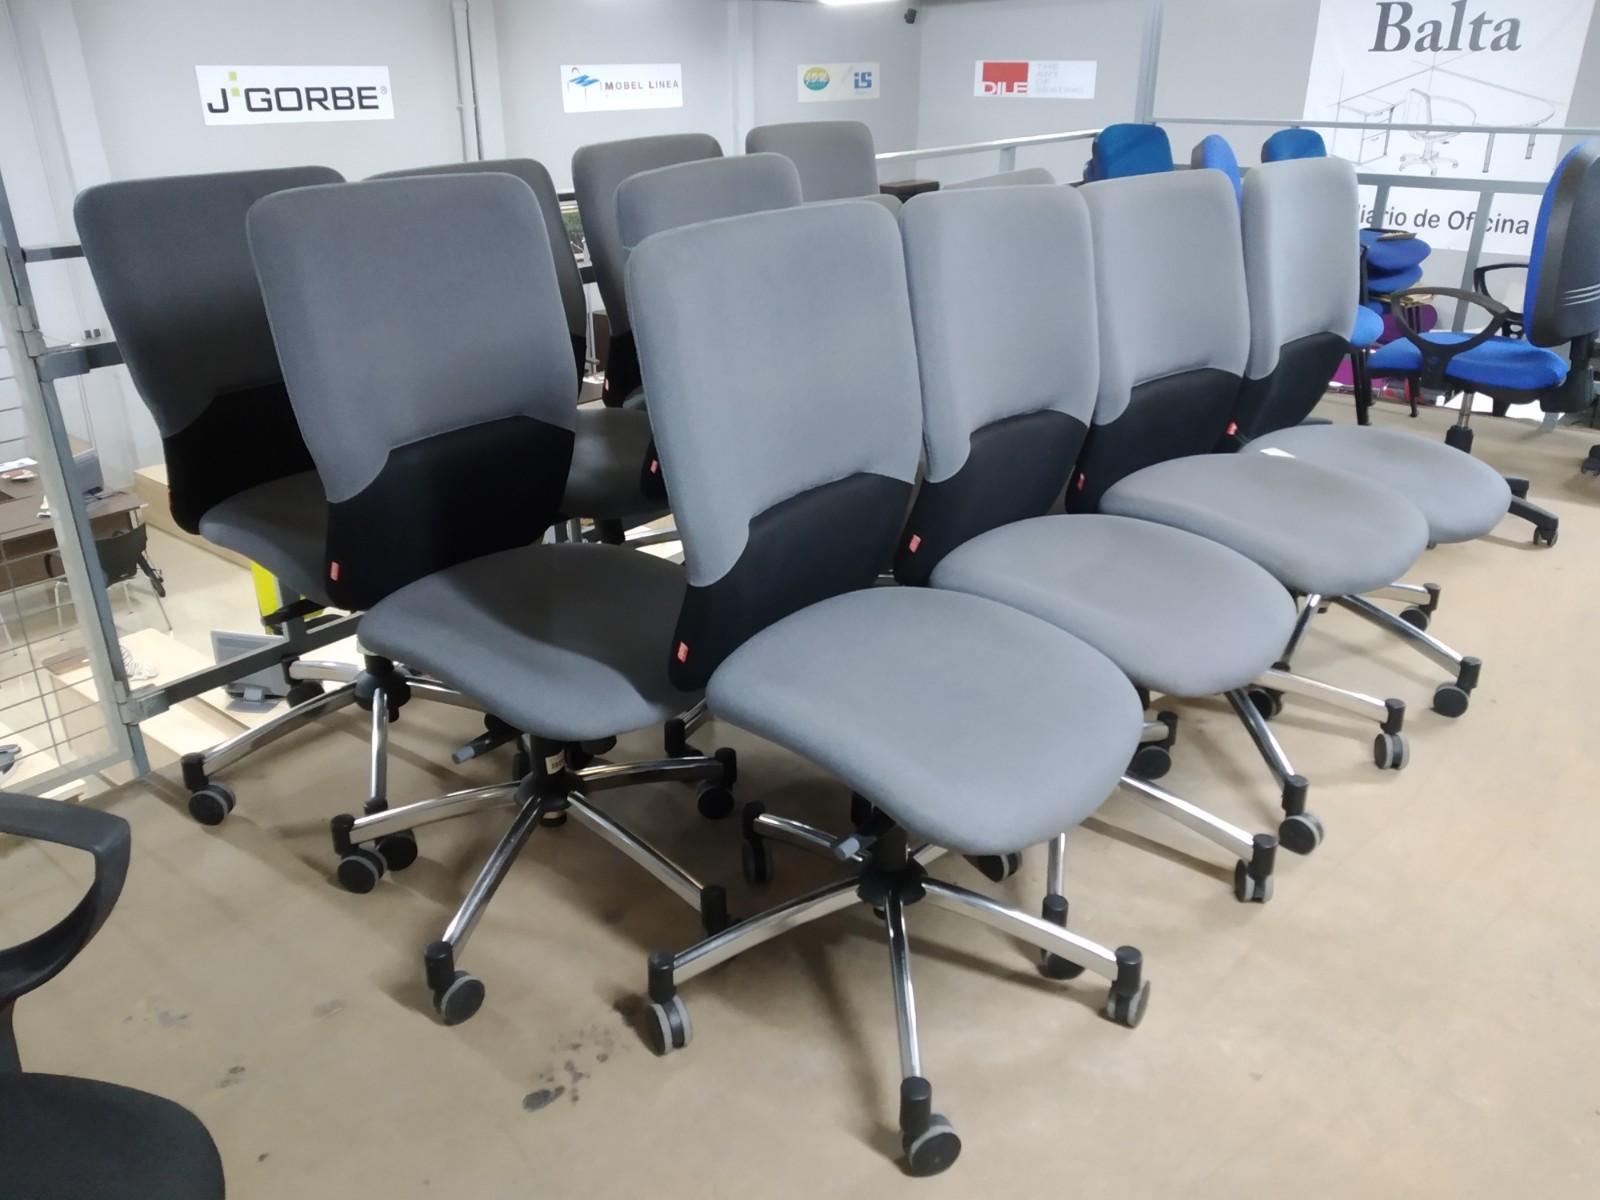 sillas de oficinas segunda mano malaga